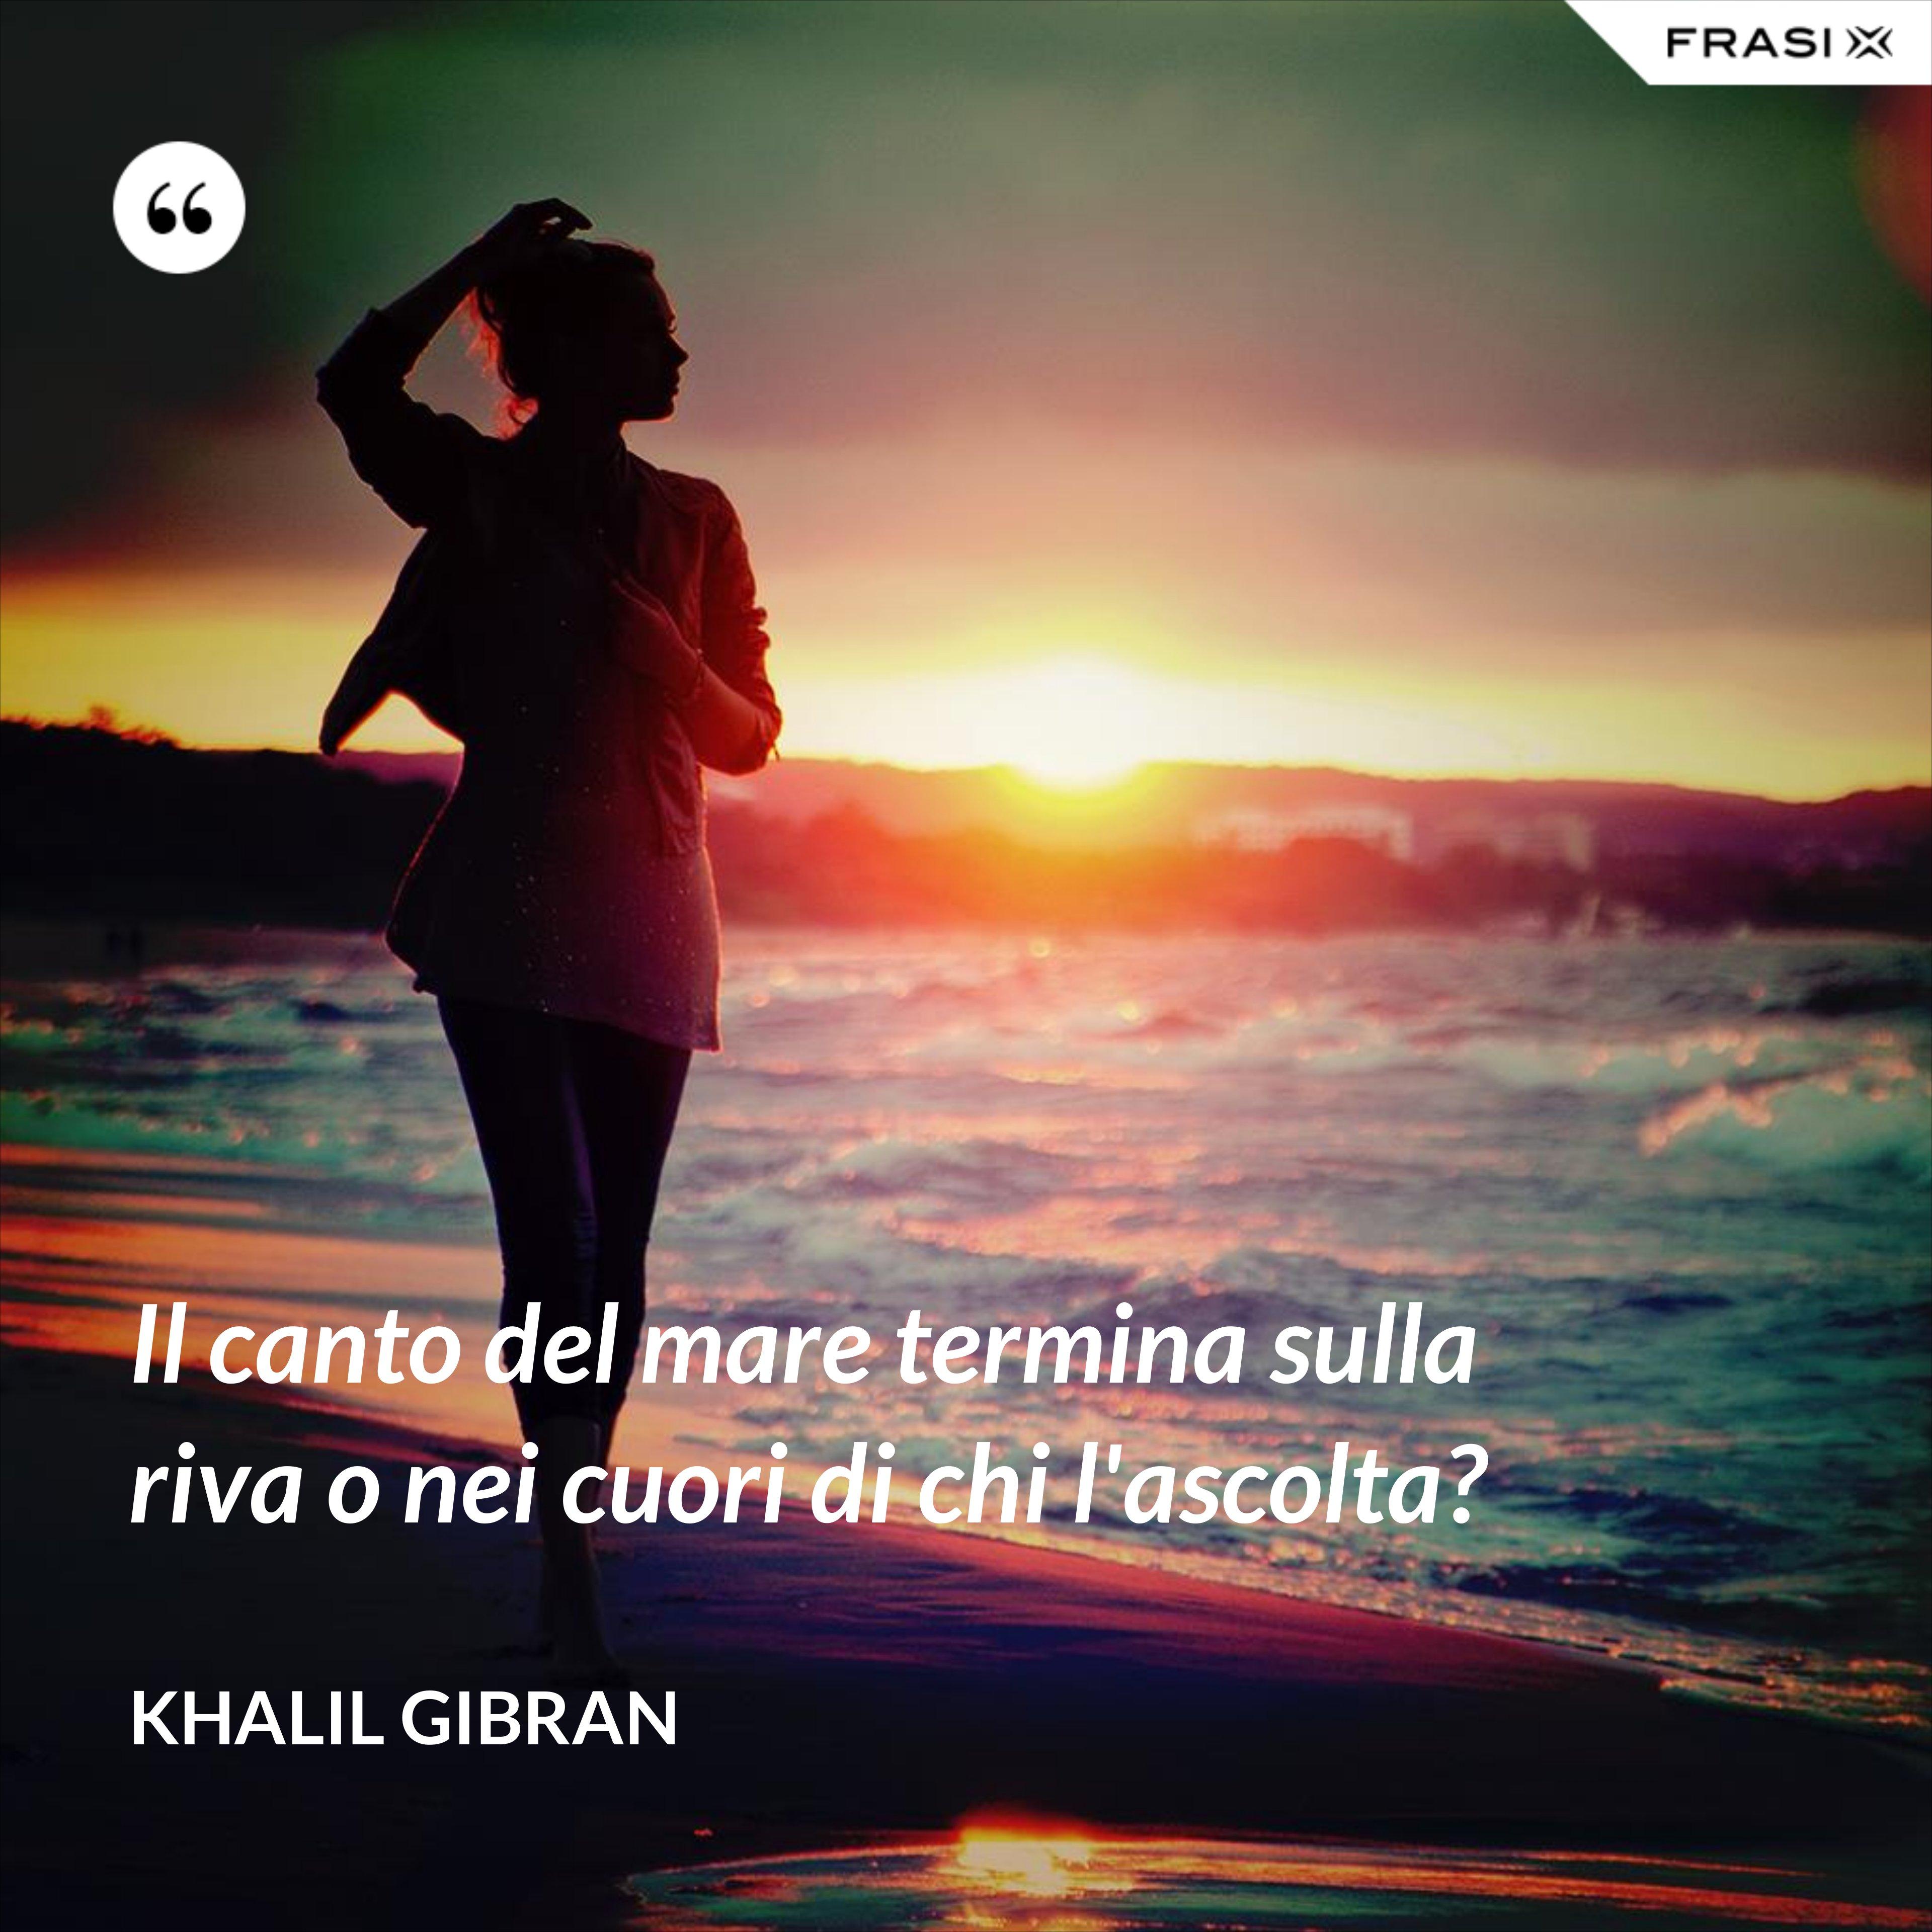 Il canto del mare termina sulla riva o nei cuori di chi l'ascolta? - Khalil Gibran